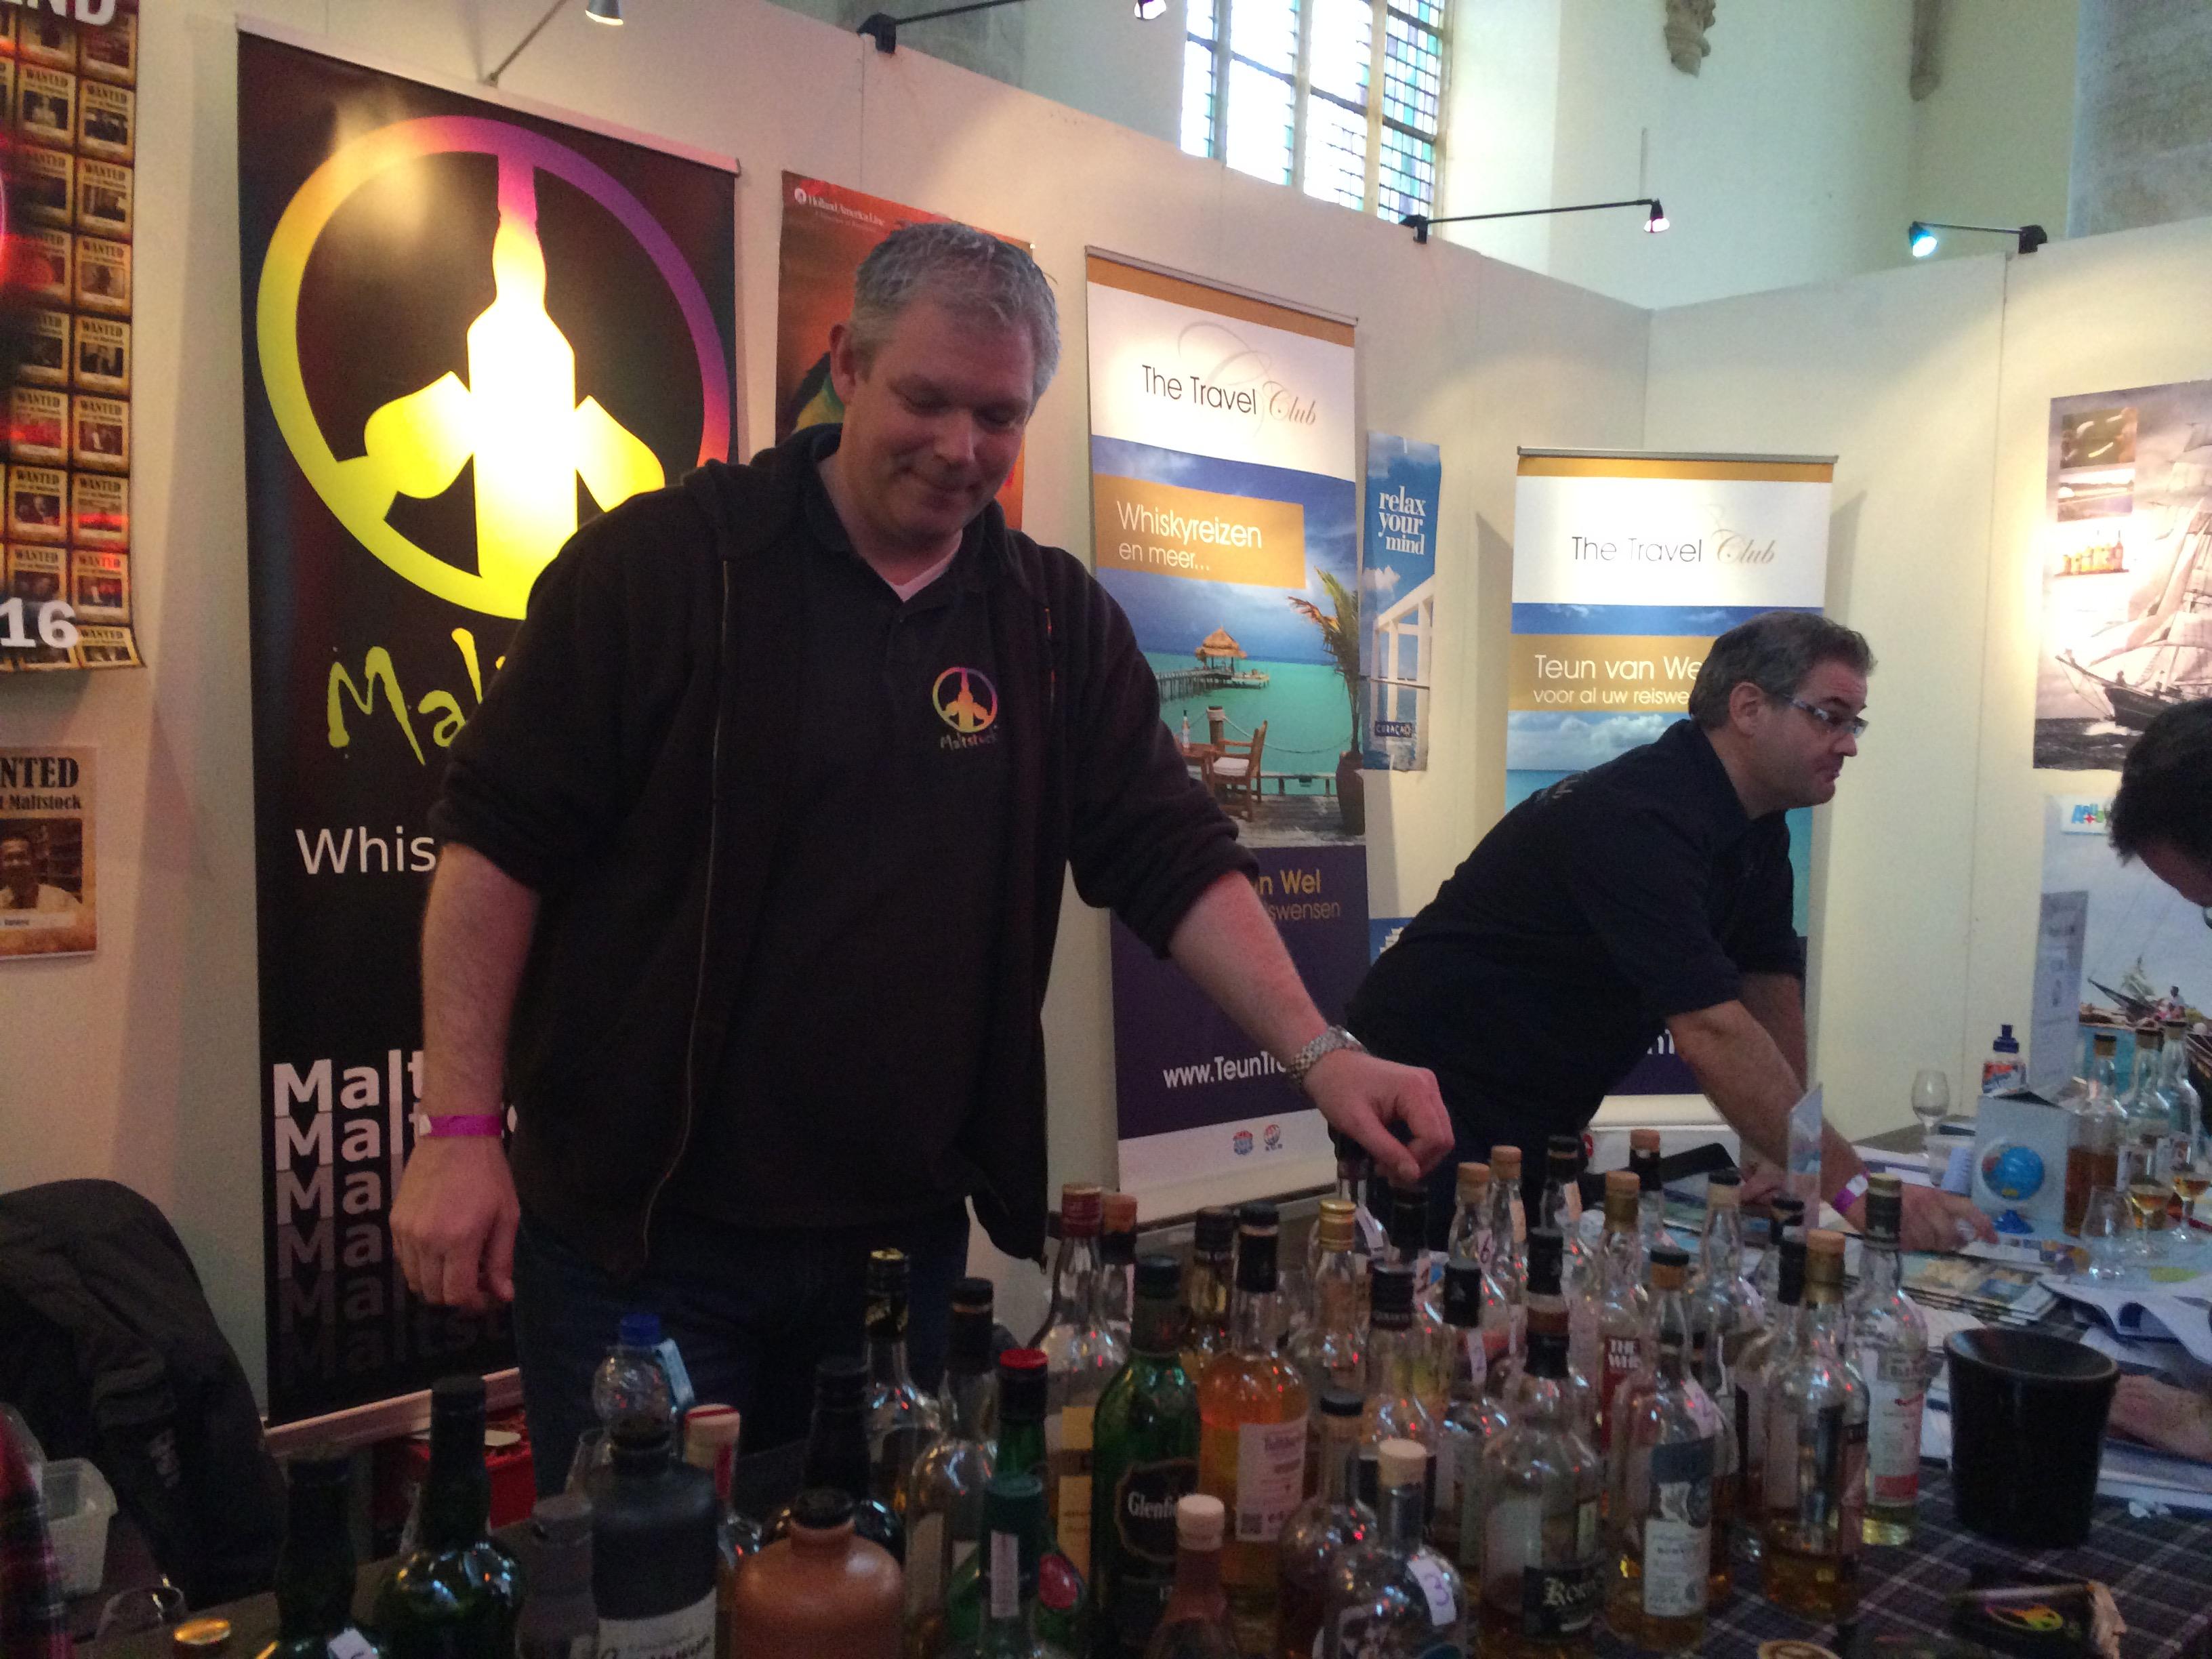 Maltstock at hielander whisky festival 2016